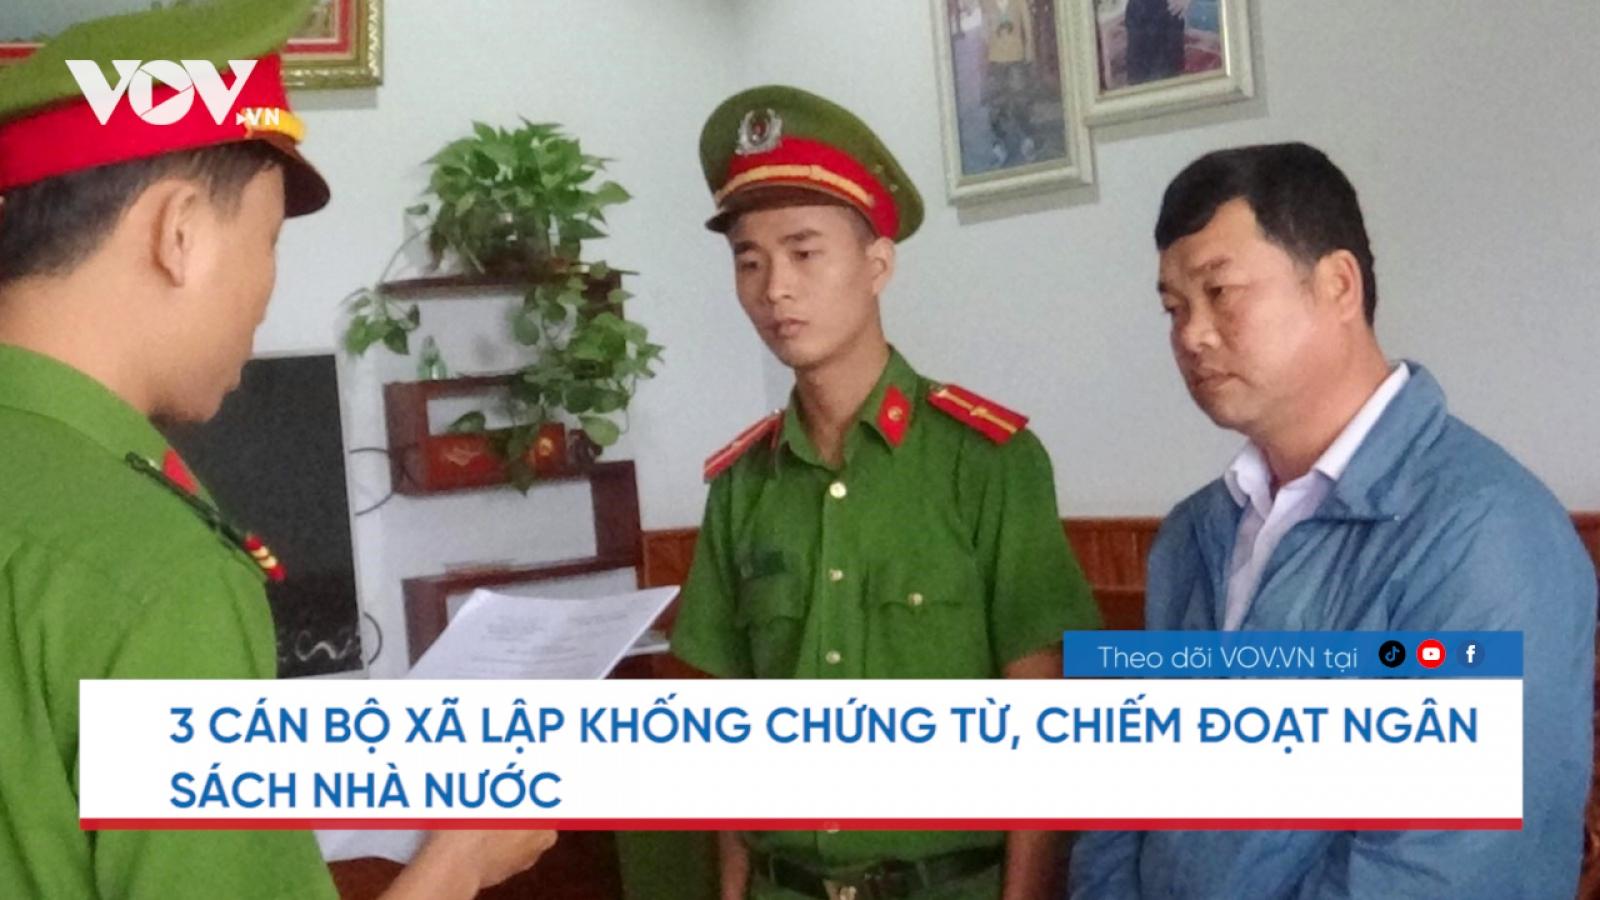 Nóng 24h: Khởi tố 3 cán bộ xã ở Quảng Nam chiếm đoạt tiền ngân sách